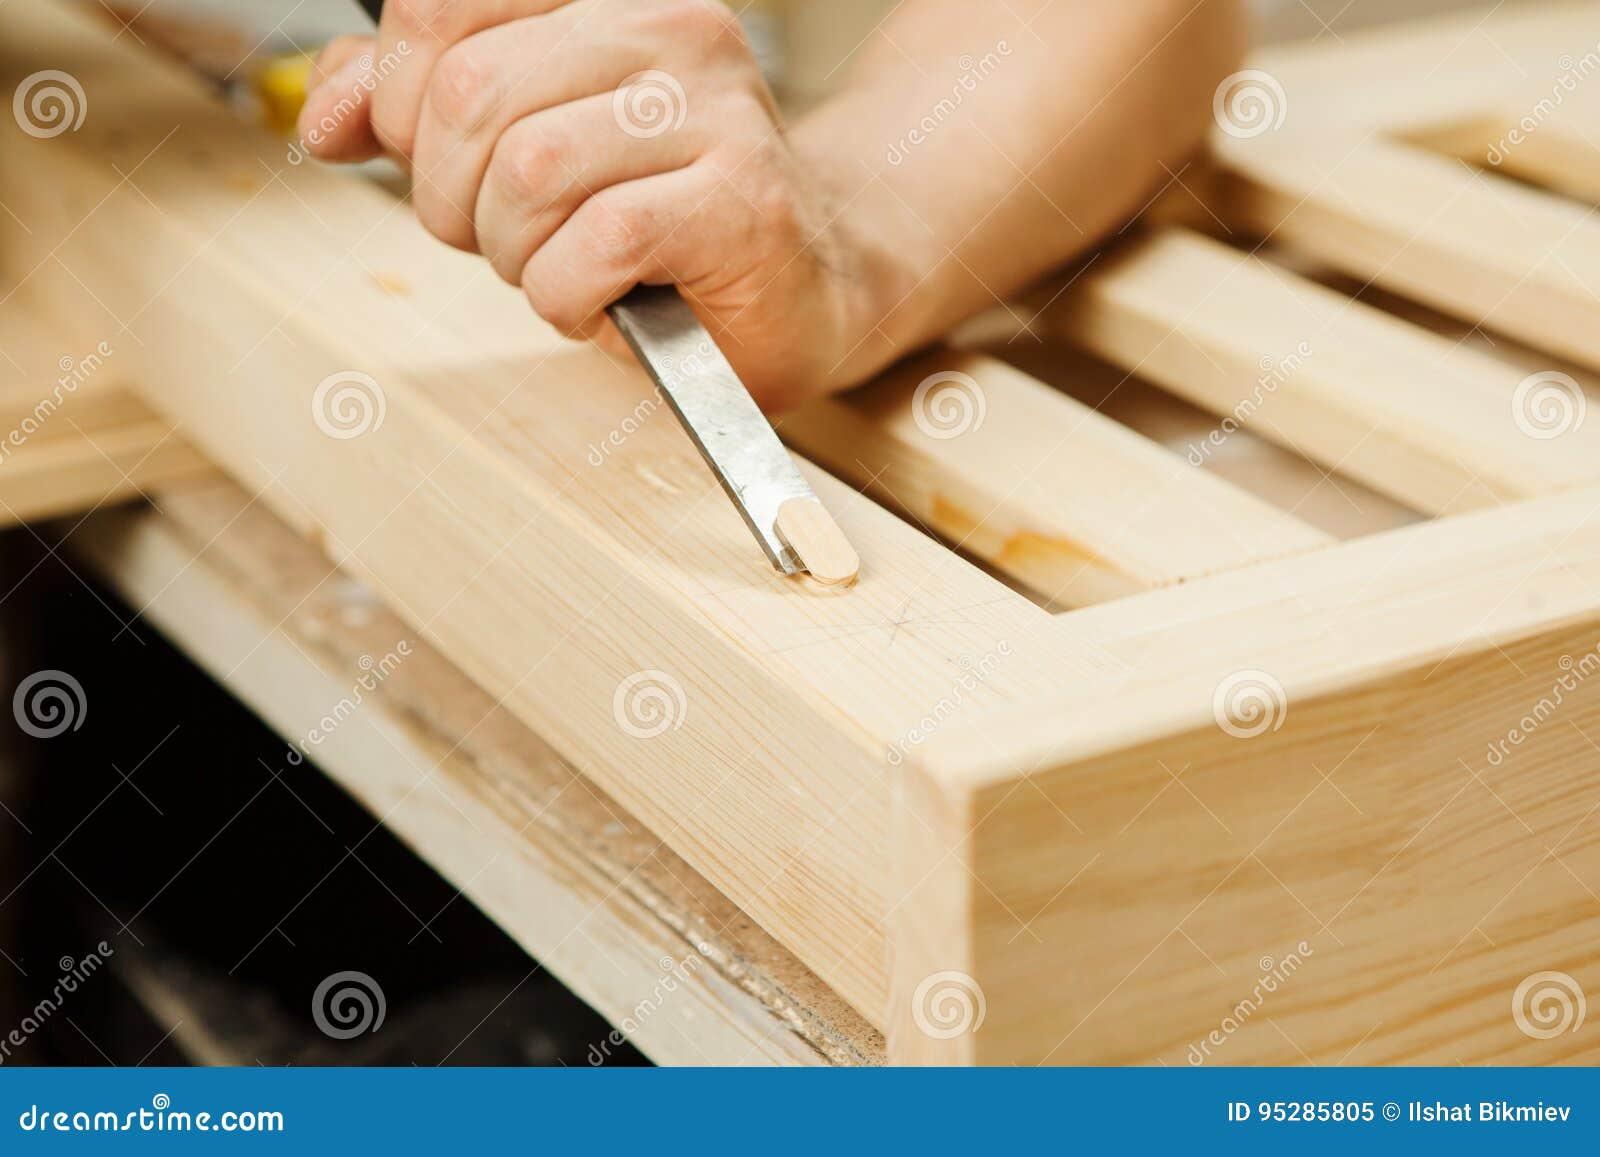 Bemannen Sie das Arbeiten mit dem Schnitzen der Ausrüstung in der Werkstatt, die Meißel hält